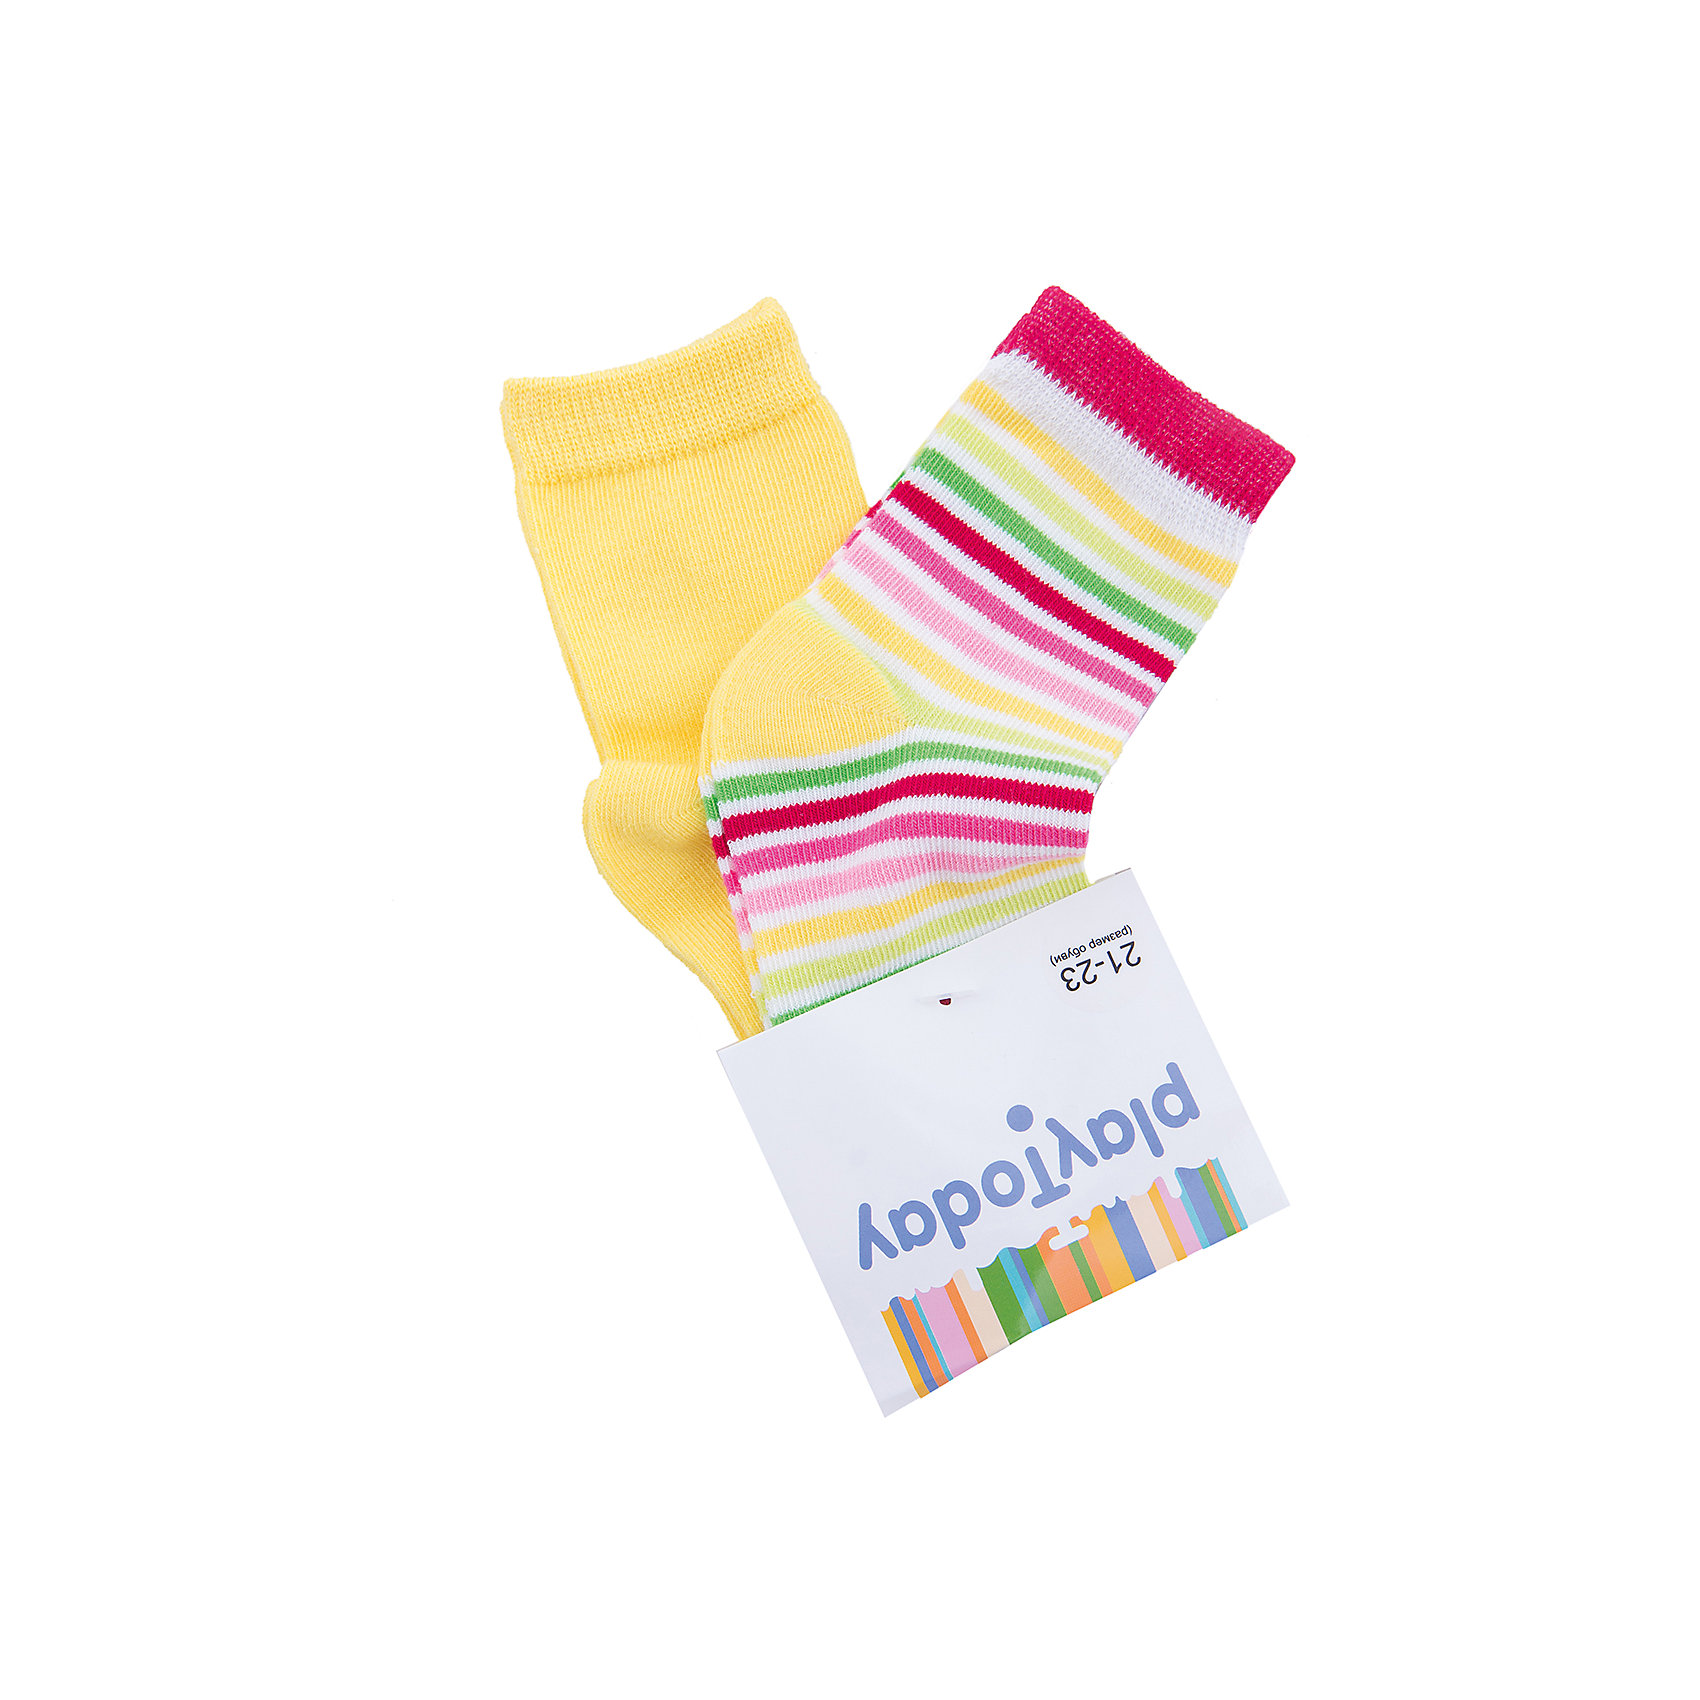 Носки для девочки PlayTodayНоски<br>Носки для девочки PlayToday<br>Носки очень мягкие, из качественных материалов, приятны к телу и не сковывают движений. Хорошо пропускают воздух, тем самым позволяя коже дышать.  Даже частые стирки, при условии соблюдений рекомендаций по уходу, не изменят ни форму, ни цвет изделий.Преимущества: Мягкие, выполненные из натуральных материалов, приятны к телу, не сковывают движенийХорошо пропускают воздух, позволяя тем самым коже дышатьДаже частые стирки, при условии соблюдений рекомендаций по уходу, не изменят ни форму, ни цвет изделия<br>Состав:<br>75% хлопок, 22% нейлон, 3% эластан<br><br>Ширина мм: 87<br>Глубина мм: 10<br>Высота мм: 105<br>Вес г: 115<br>Цвет: разноцветный<br>Возраст от месяцев: 18<br>Возраст до месяцев: 24<br>Пол: Женский<br>Возраст: Детский<br>Размер: 14,18,16<br>SKU: 5404541